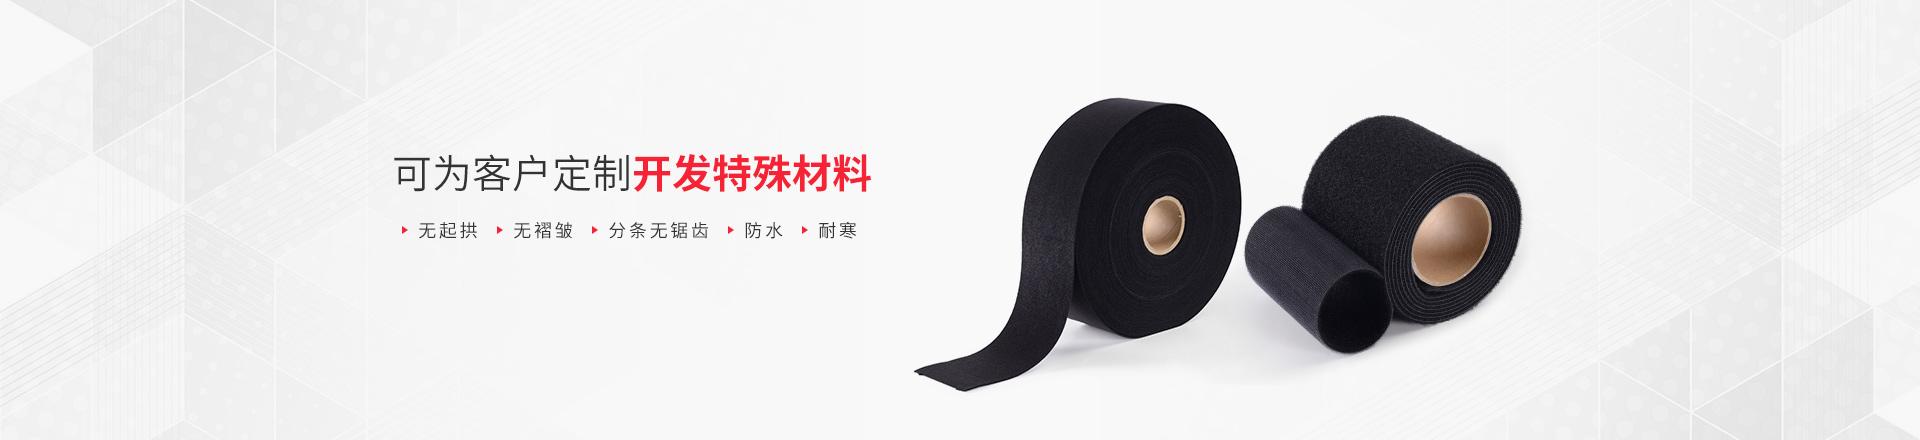 杰基-可为客户定制开发特殊材料 无起拱 无褶皱 分条无锯齿 防水 耐寒